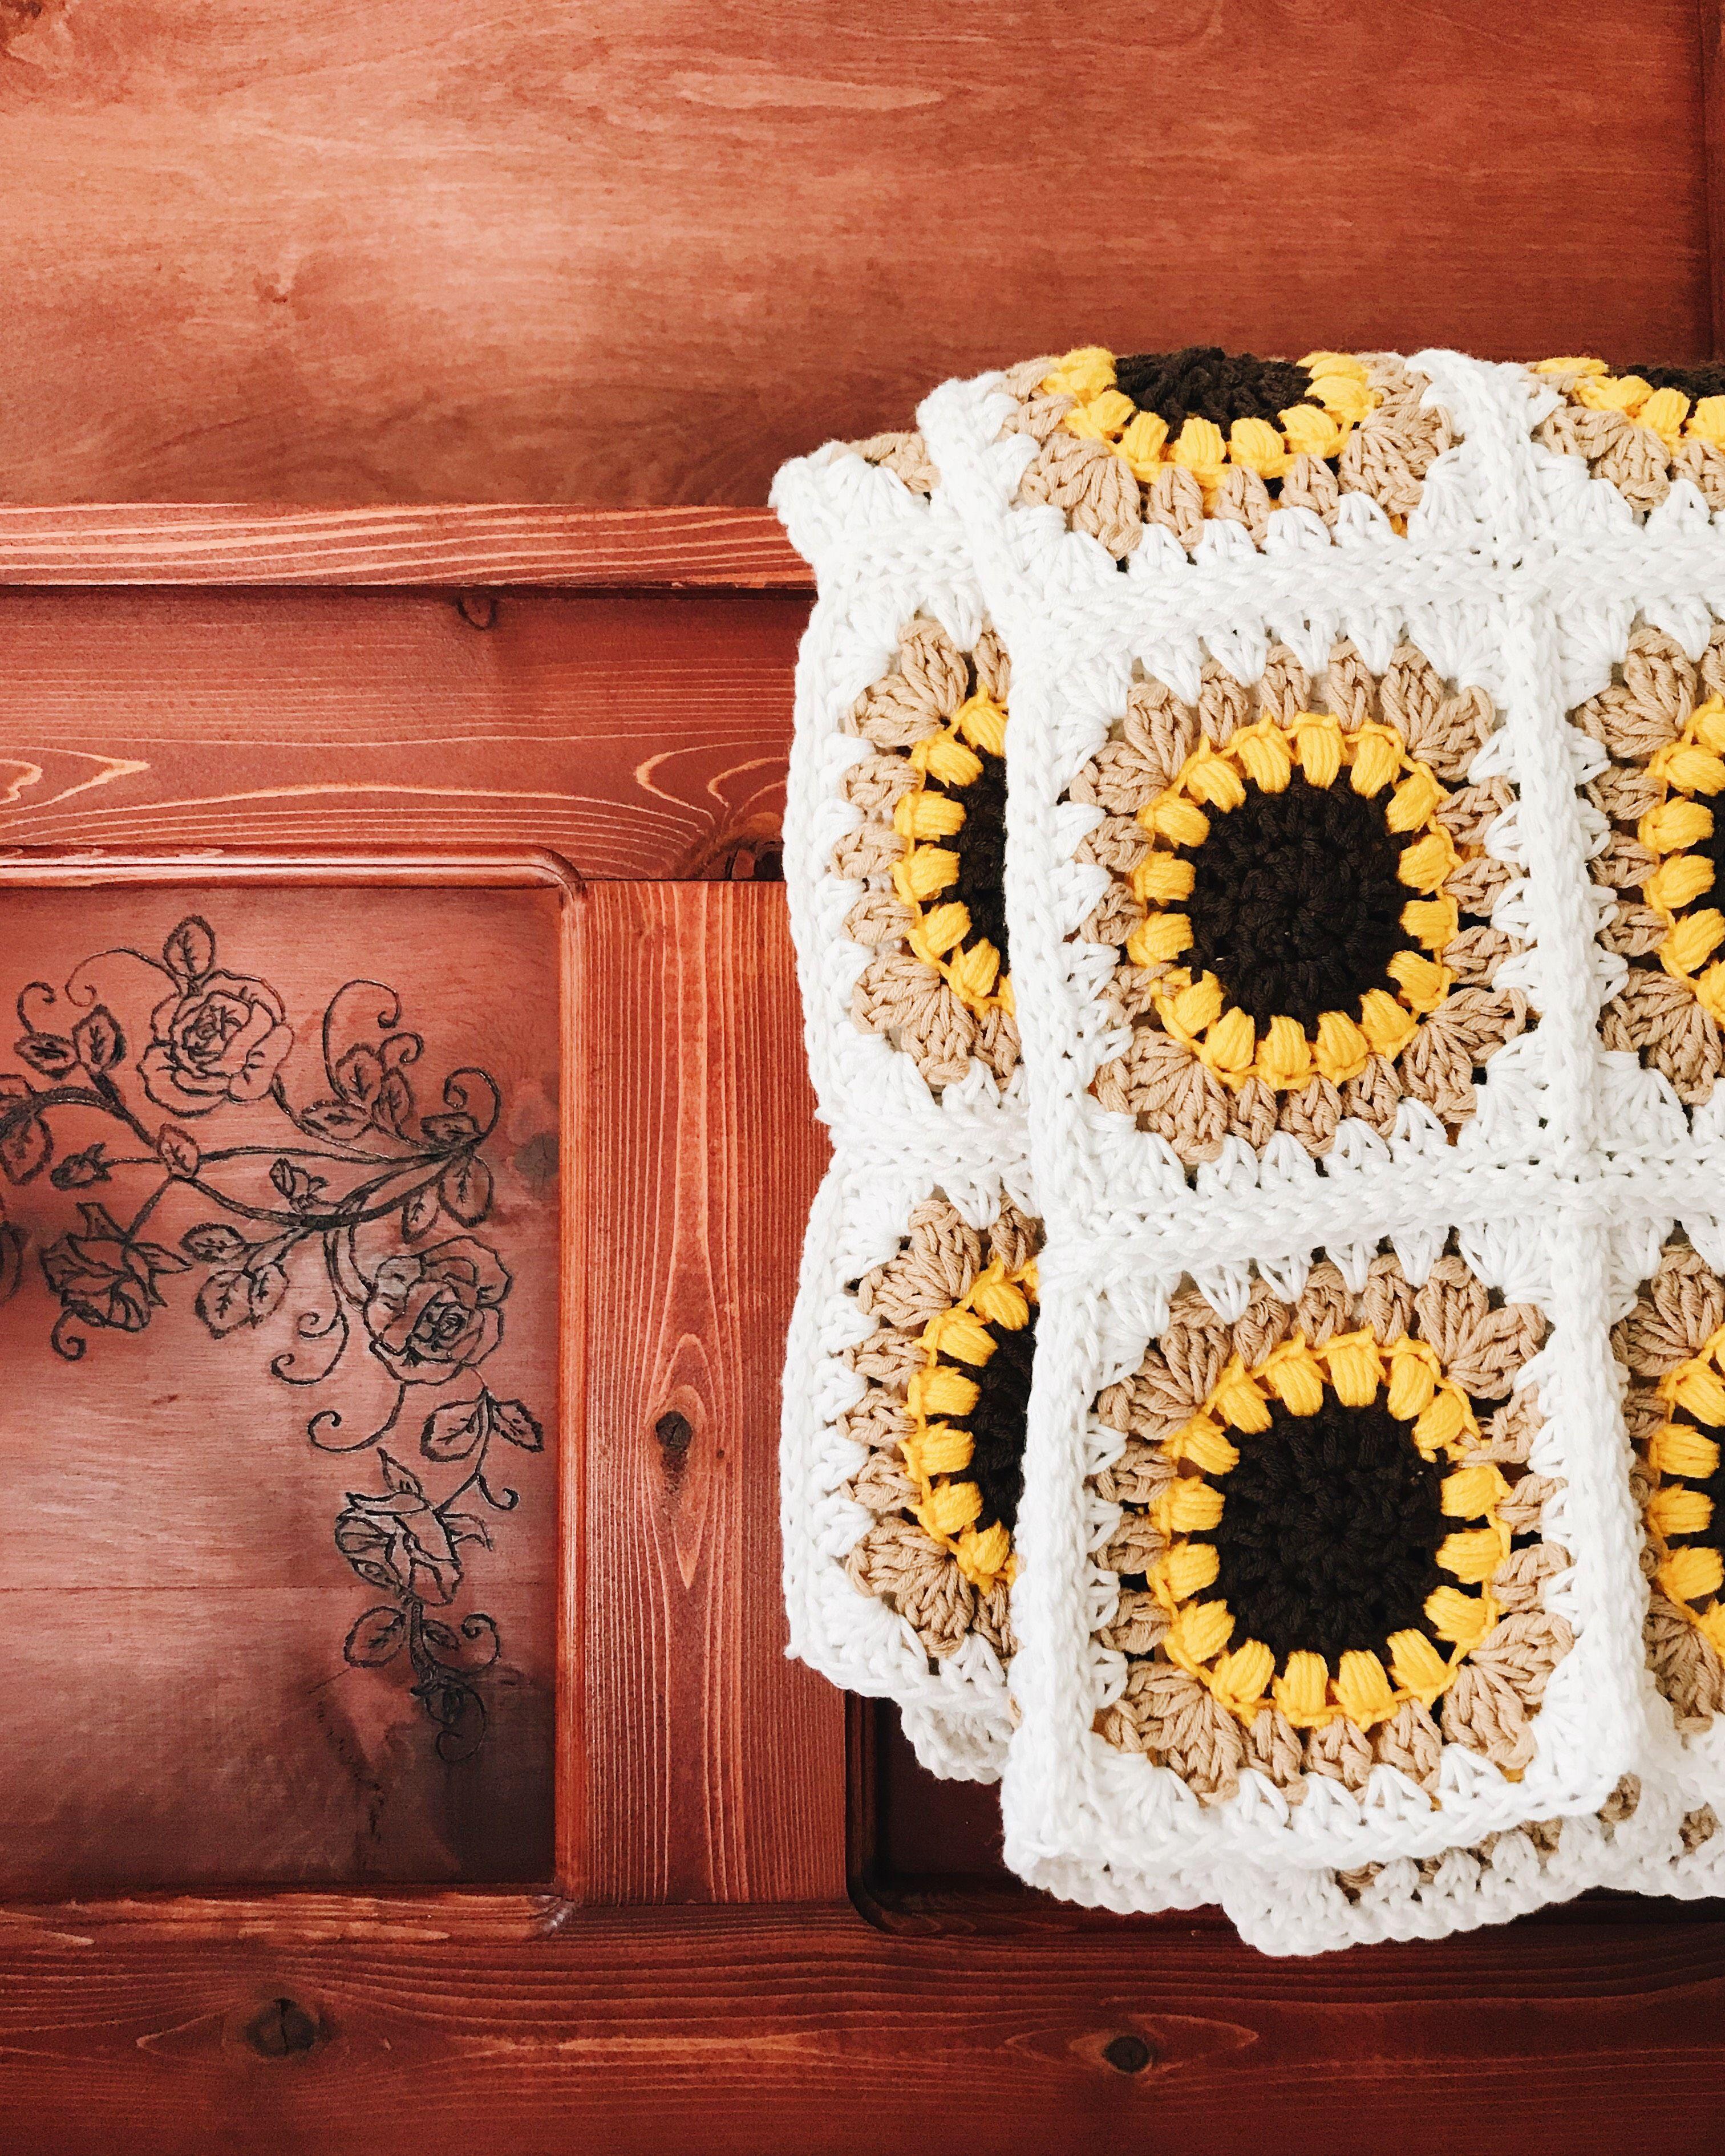 Free Crochet Pattern The Sunflower Blanket By Brennaannhandmade Crochet Patterns Free Blanket Crochet Patterns Crochet Blanket Patterns